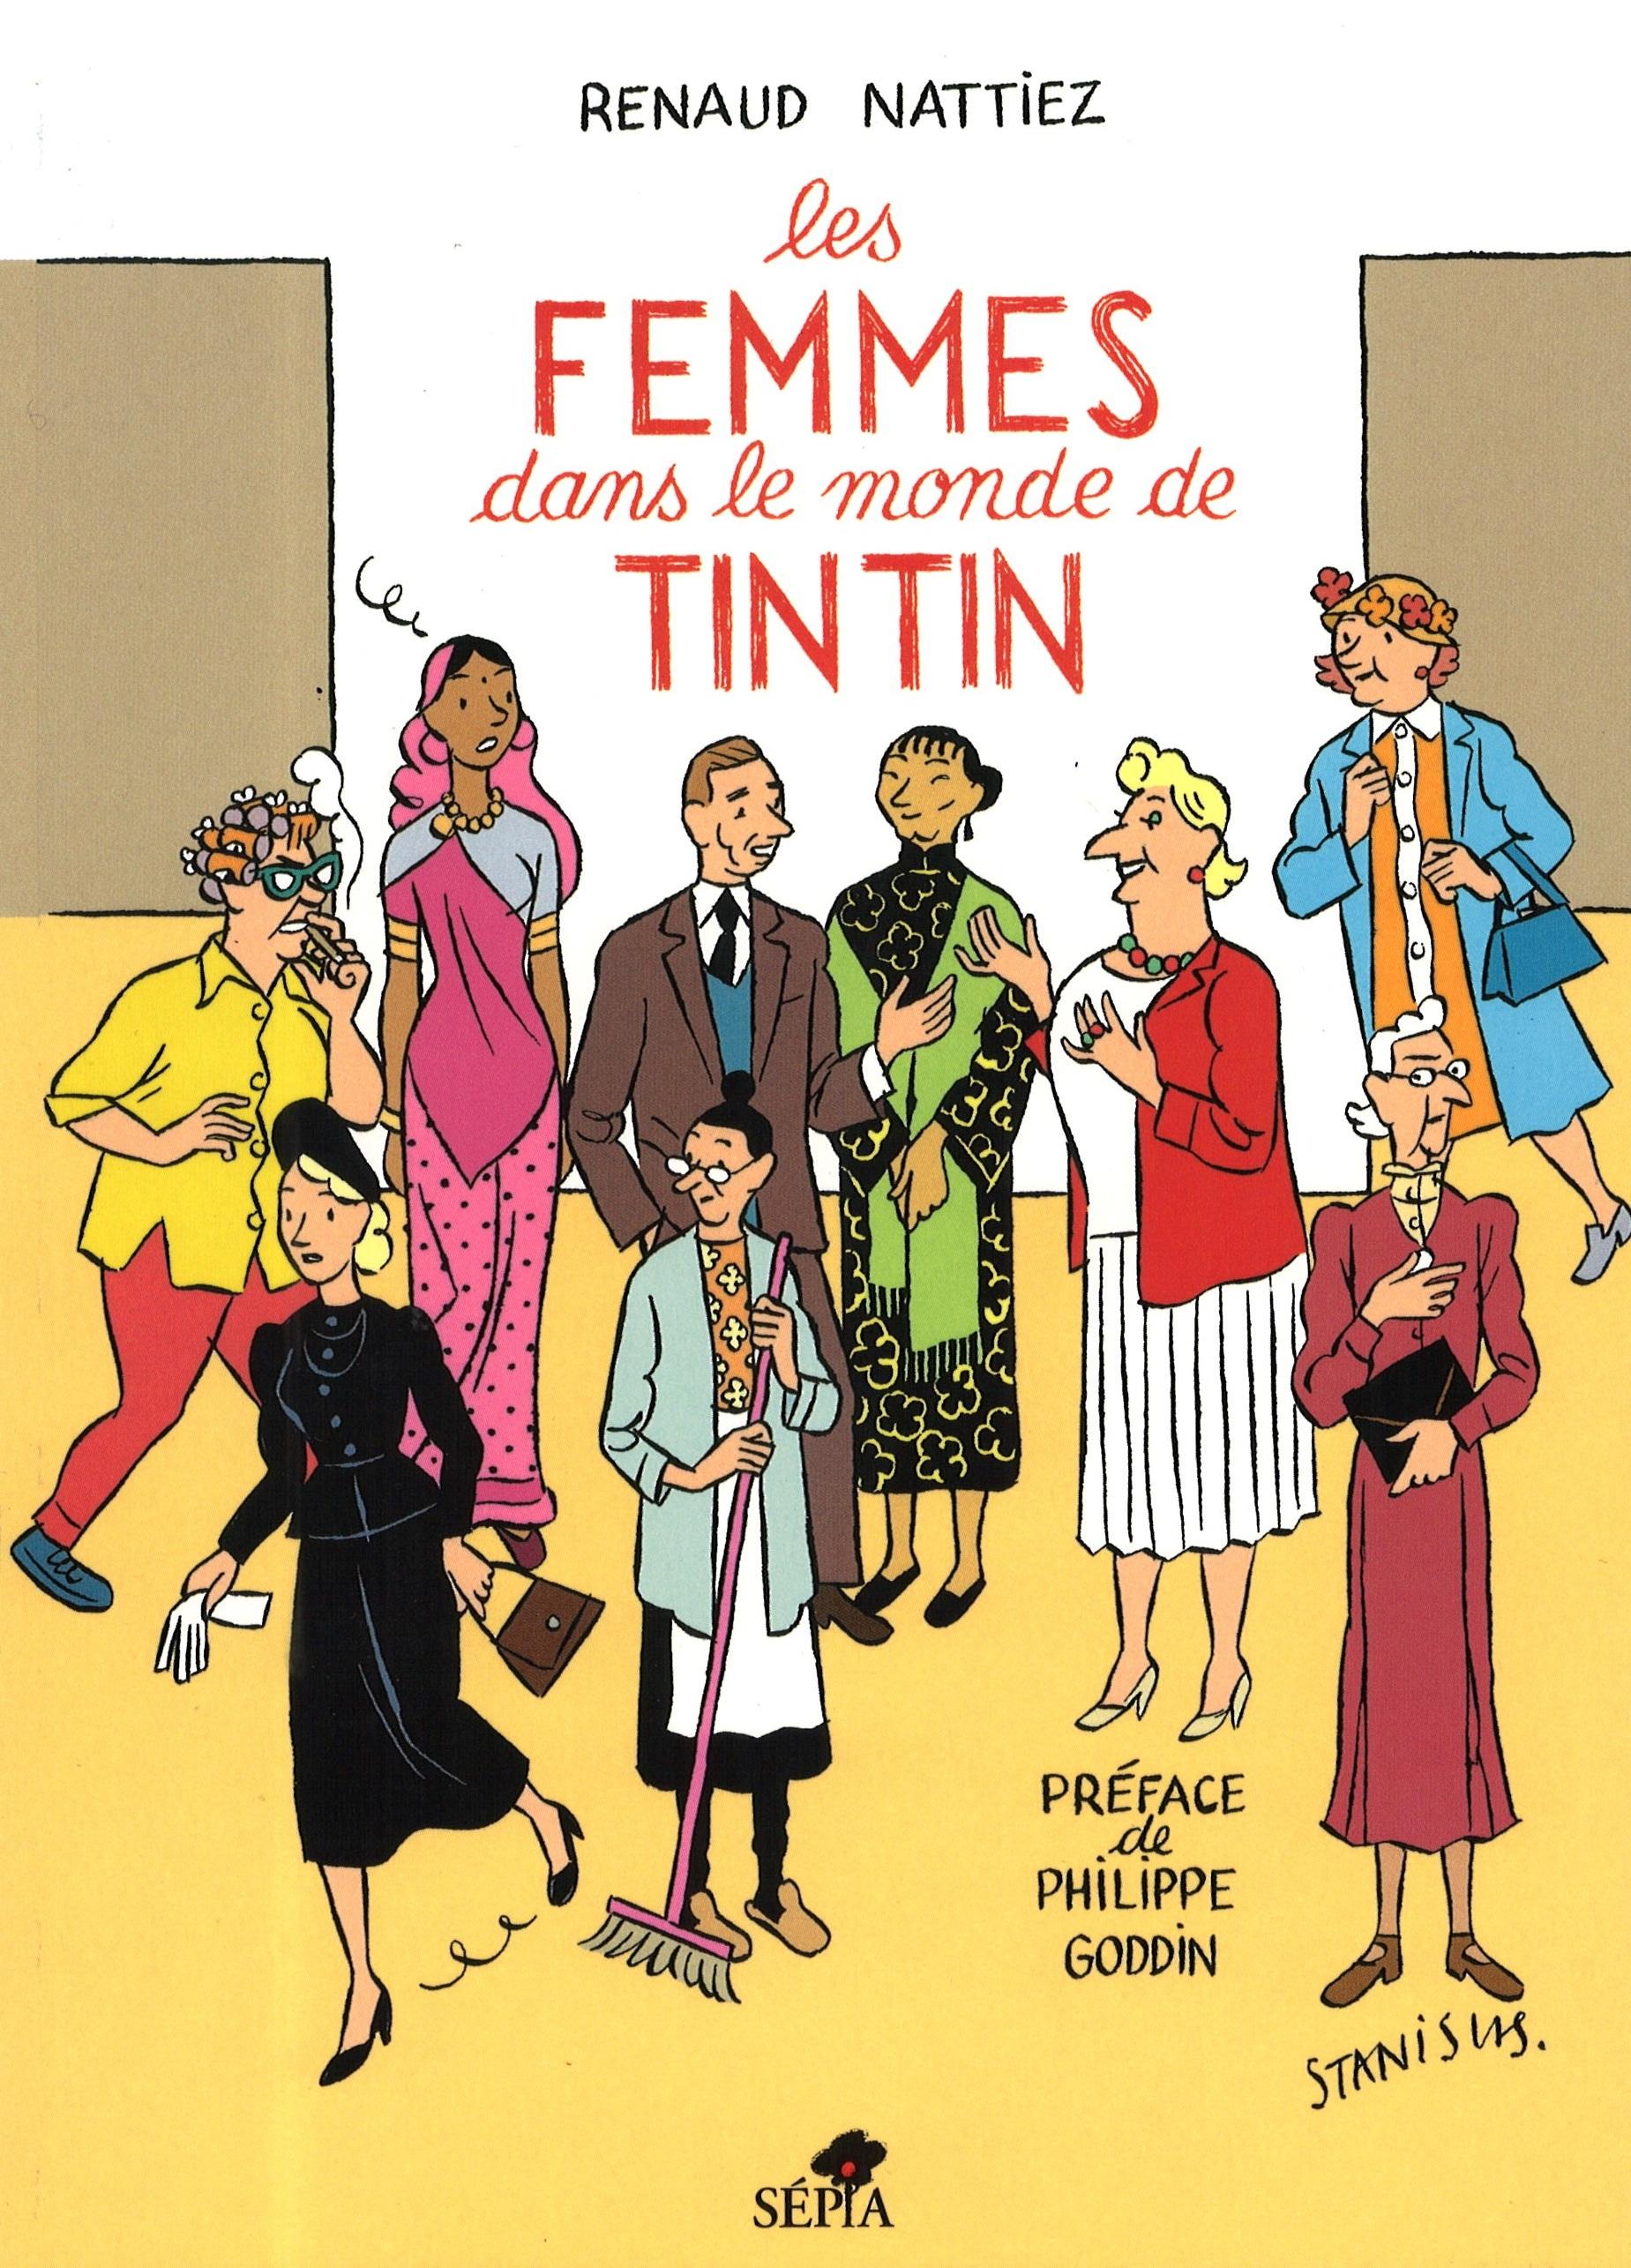 Les+femmes+dans+le+monde+de+Tintin